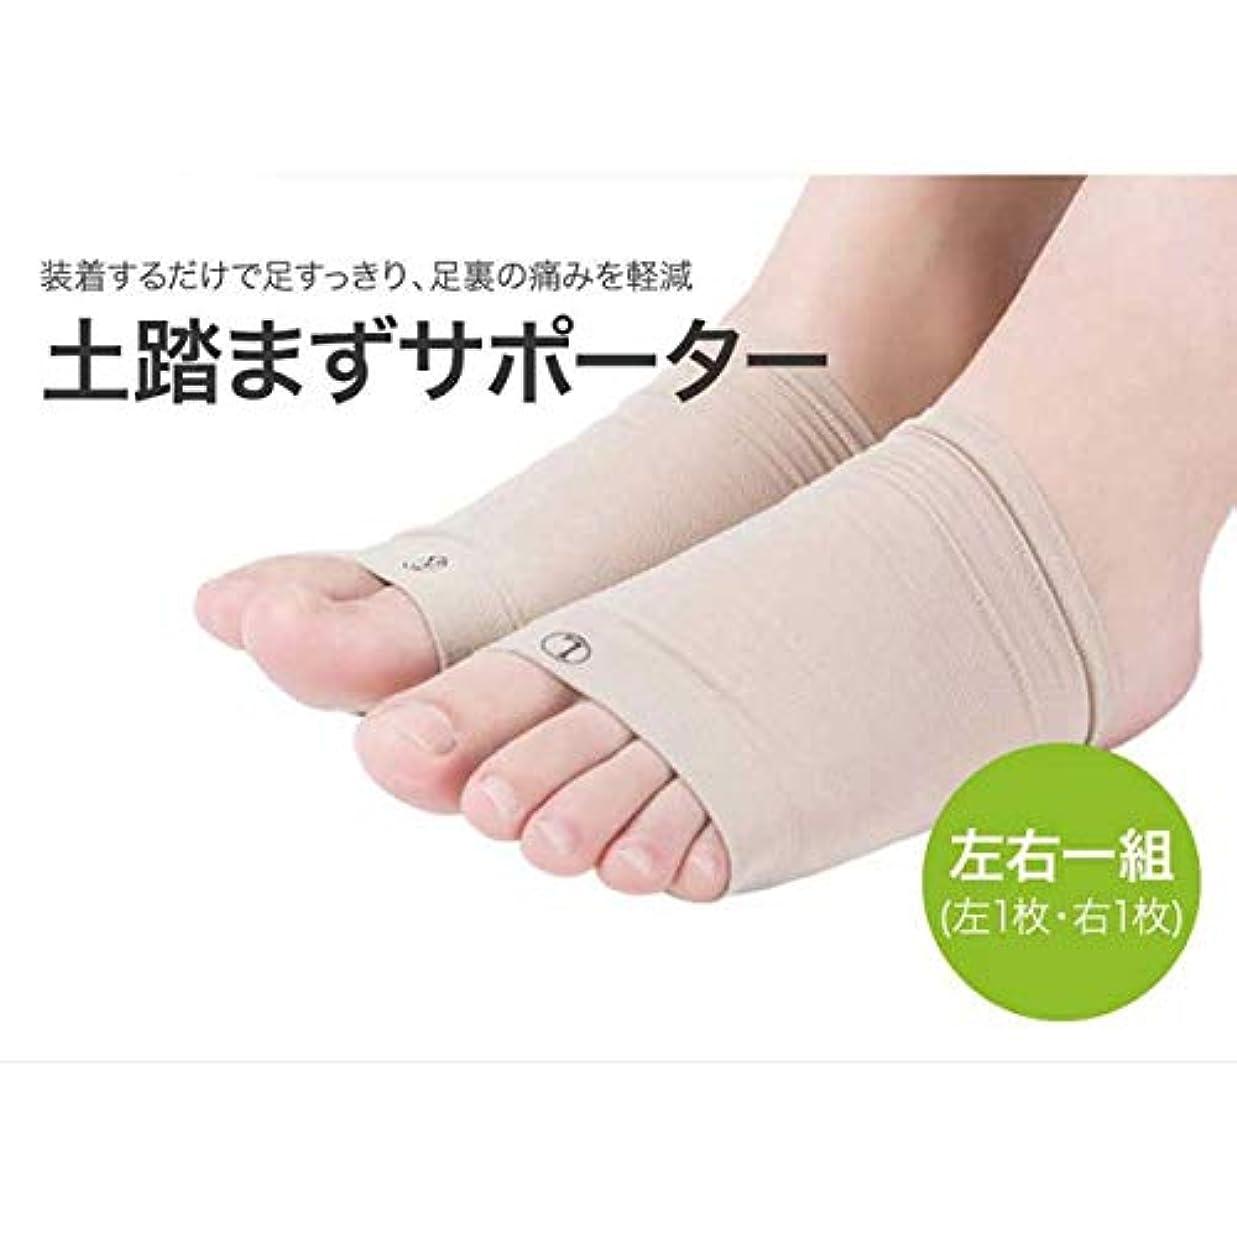 寝具工業化する表面的な土踏まずサポーター 左右1組セット 偏平足 シリコン 足底筋膜炎 足底腱膜炎 痛み だるさ 足底筋膜 足裏 アーチ サポート